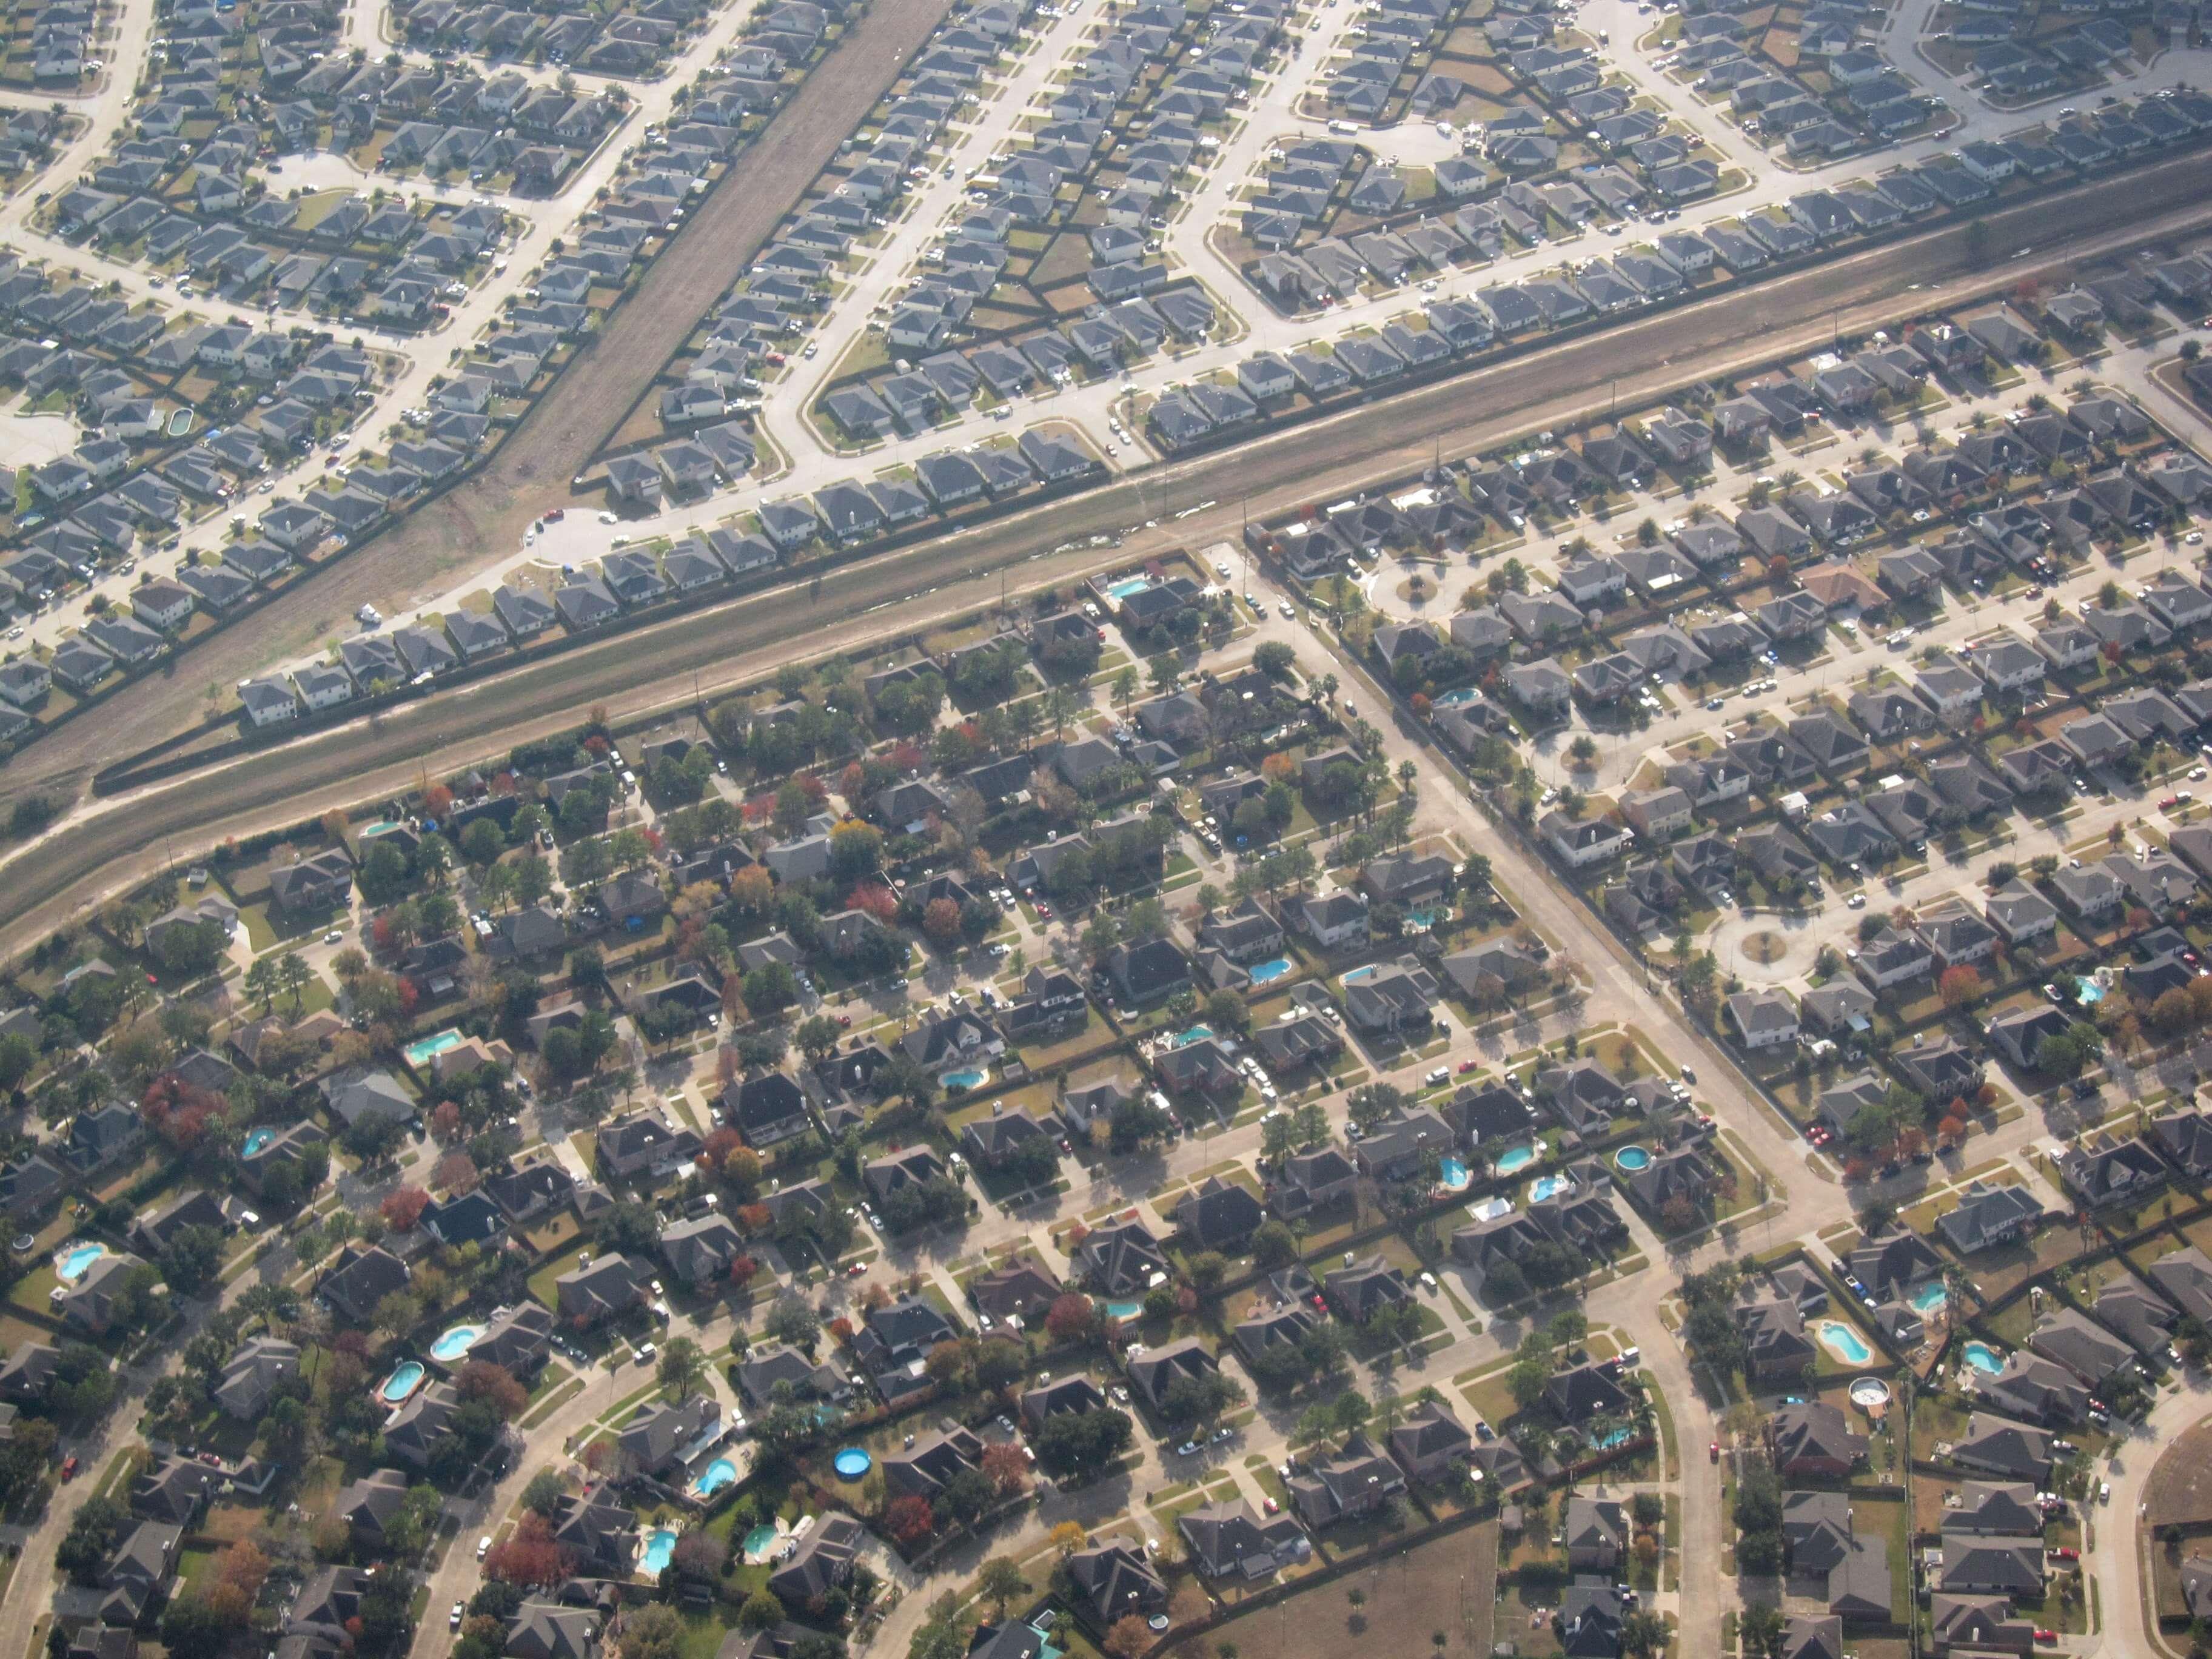 Houston suburbs